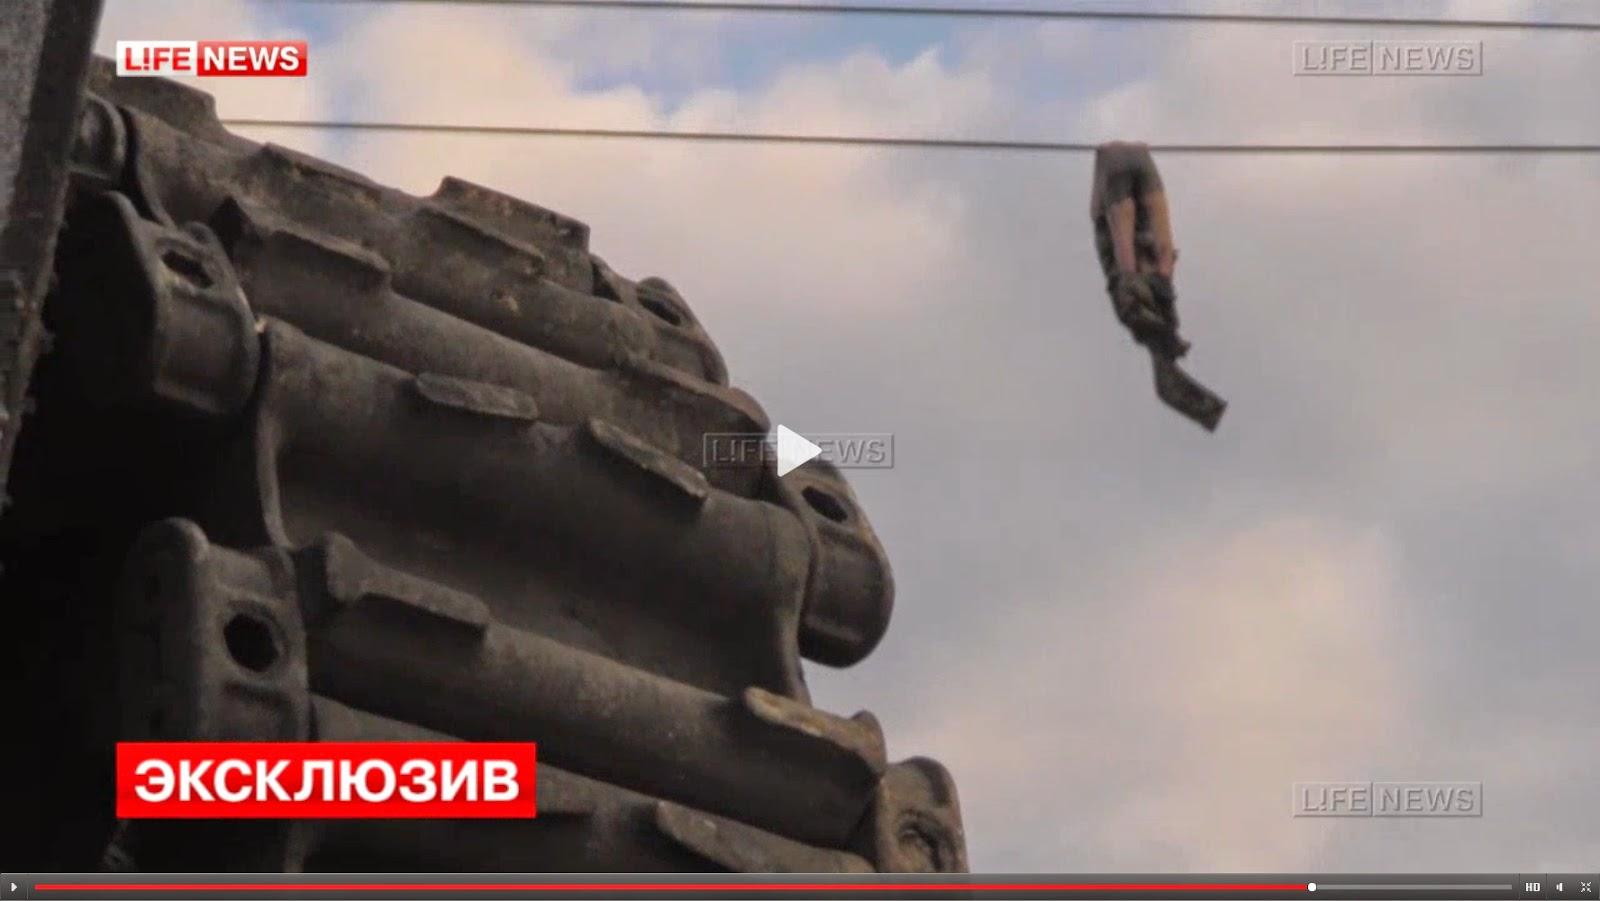 Donbass Liberation War Multimedia %D0%A1%D1%82%D0%B0%D1%80%D0%BE%D0%B1%D0%B5%D1%88%D0%B5%D0%B2%D0%BE6